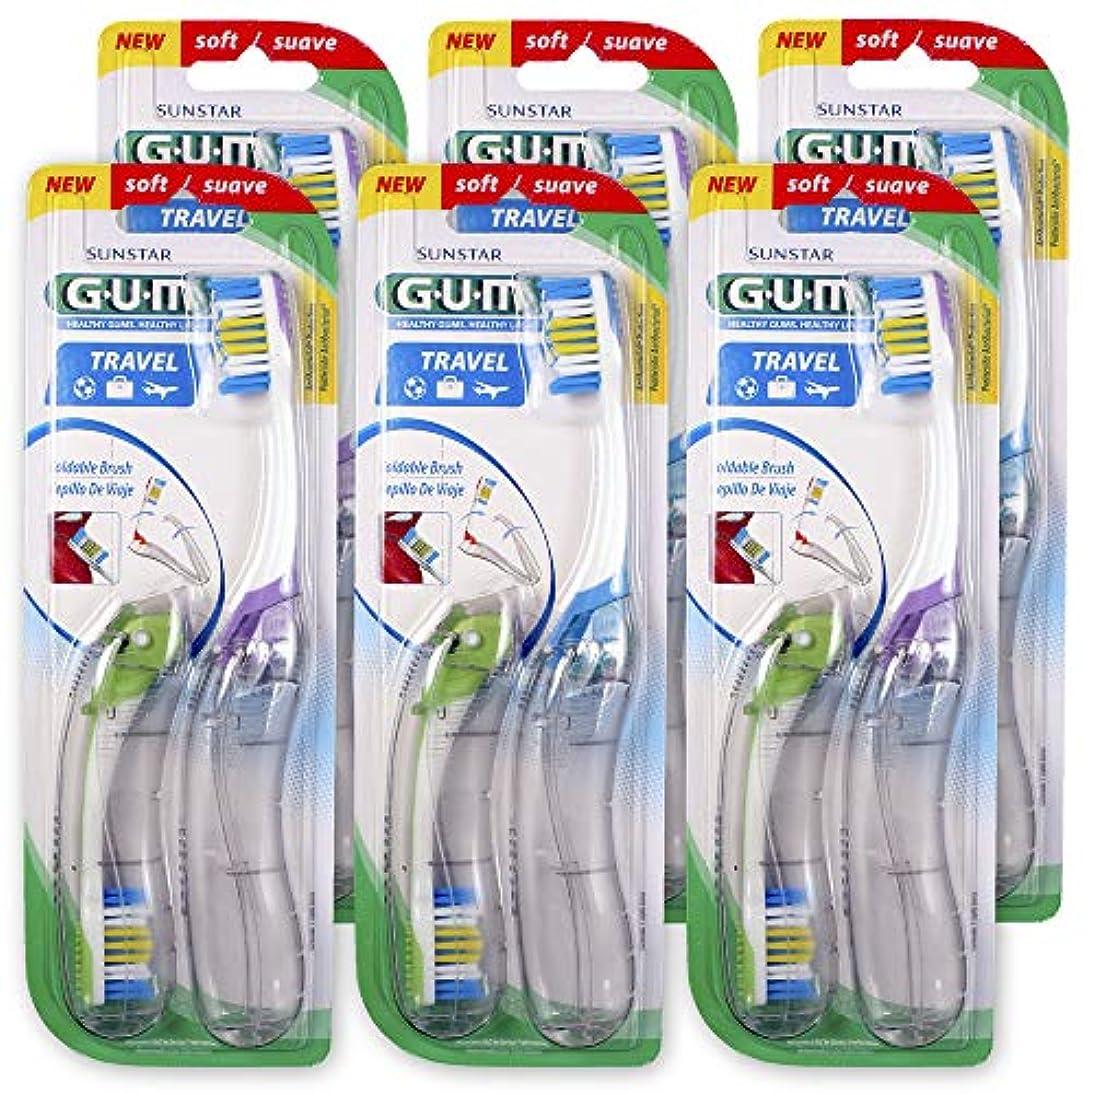 インスタンスアグネスグレイ説得力のあるGUM (ガム) 折りたたみ式 トラベル用柔らか歯ブラシ 3つ折りタイプ 舌クリーナー付き ポケット、バッグ、スーツケース、ポーチに簡単に収納できる旅行用携帯サイズ (12本セット)